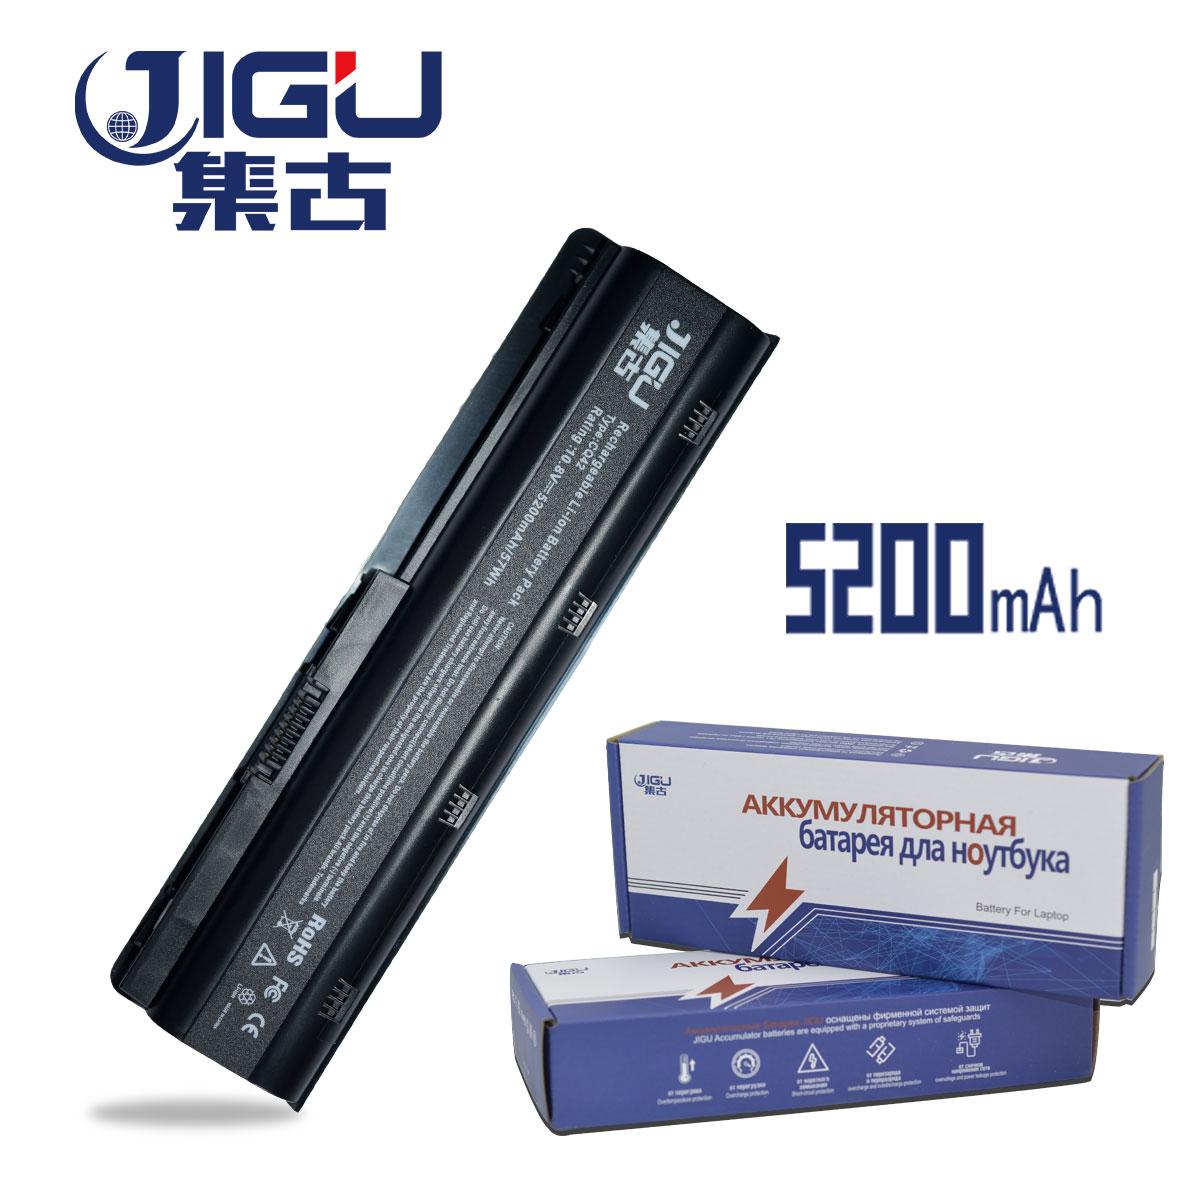 JIGU 6 CELLULES Batterie Pour HP Pavilion DV3 DM4 DV7 G4 G6 G7 Pour Compaq Presario CQ42 CQ32 G42 MU06 593553-001